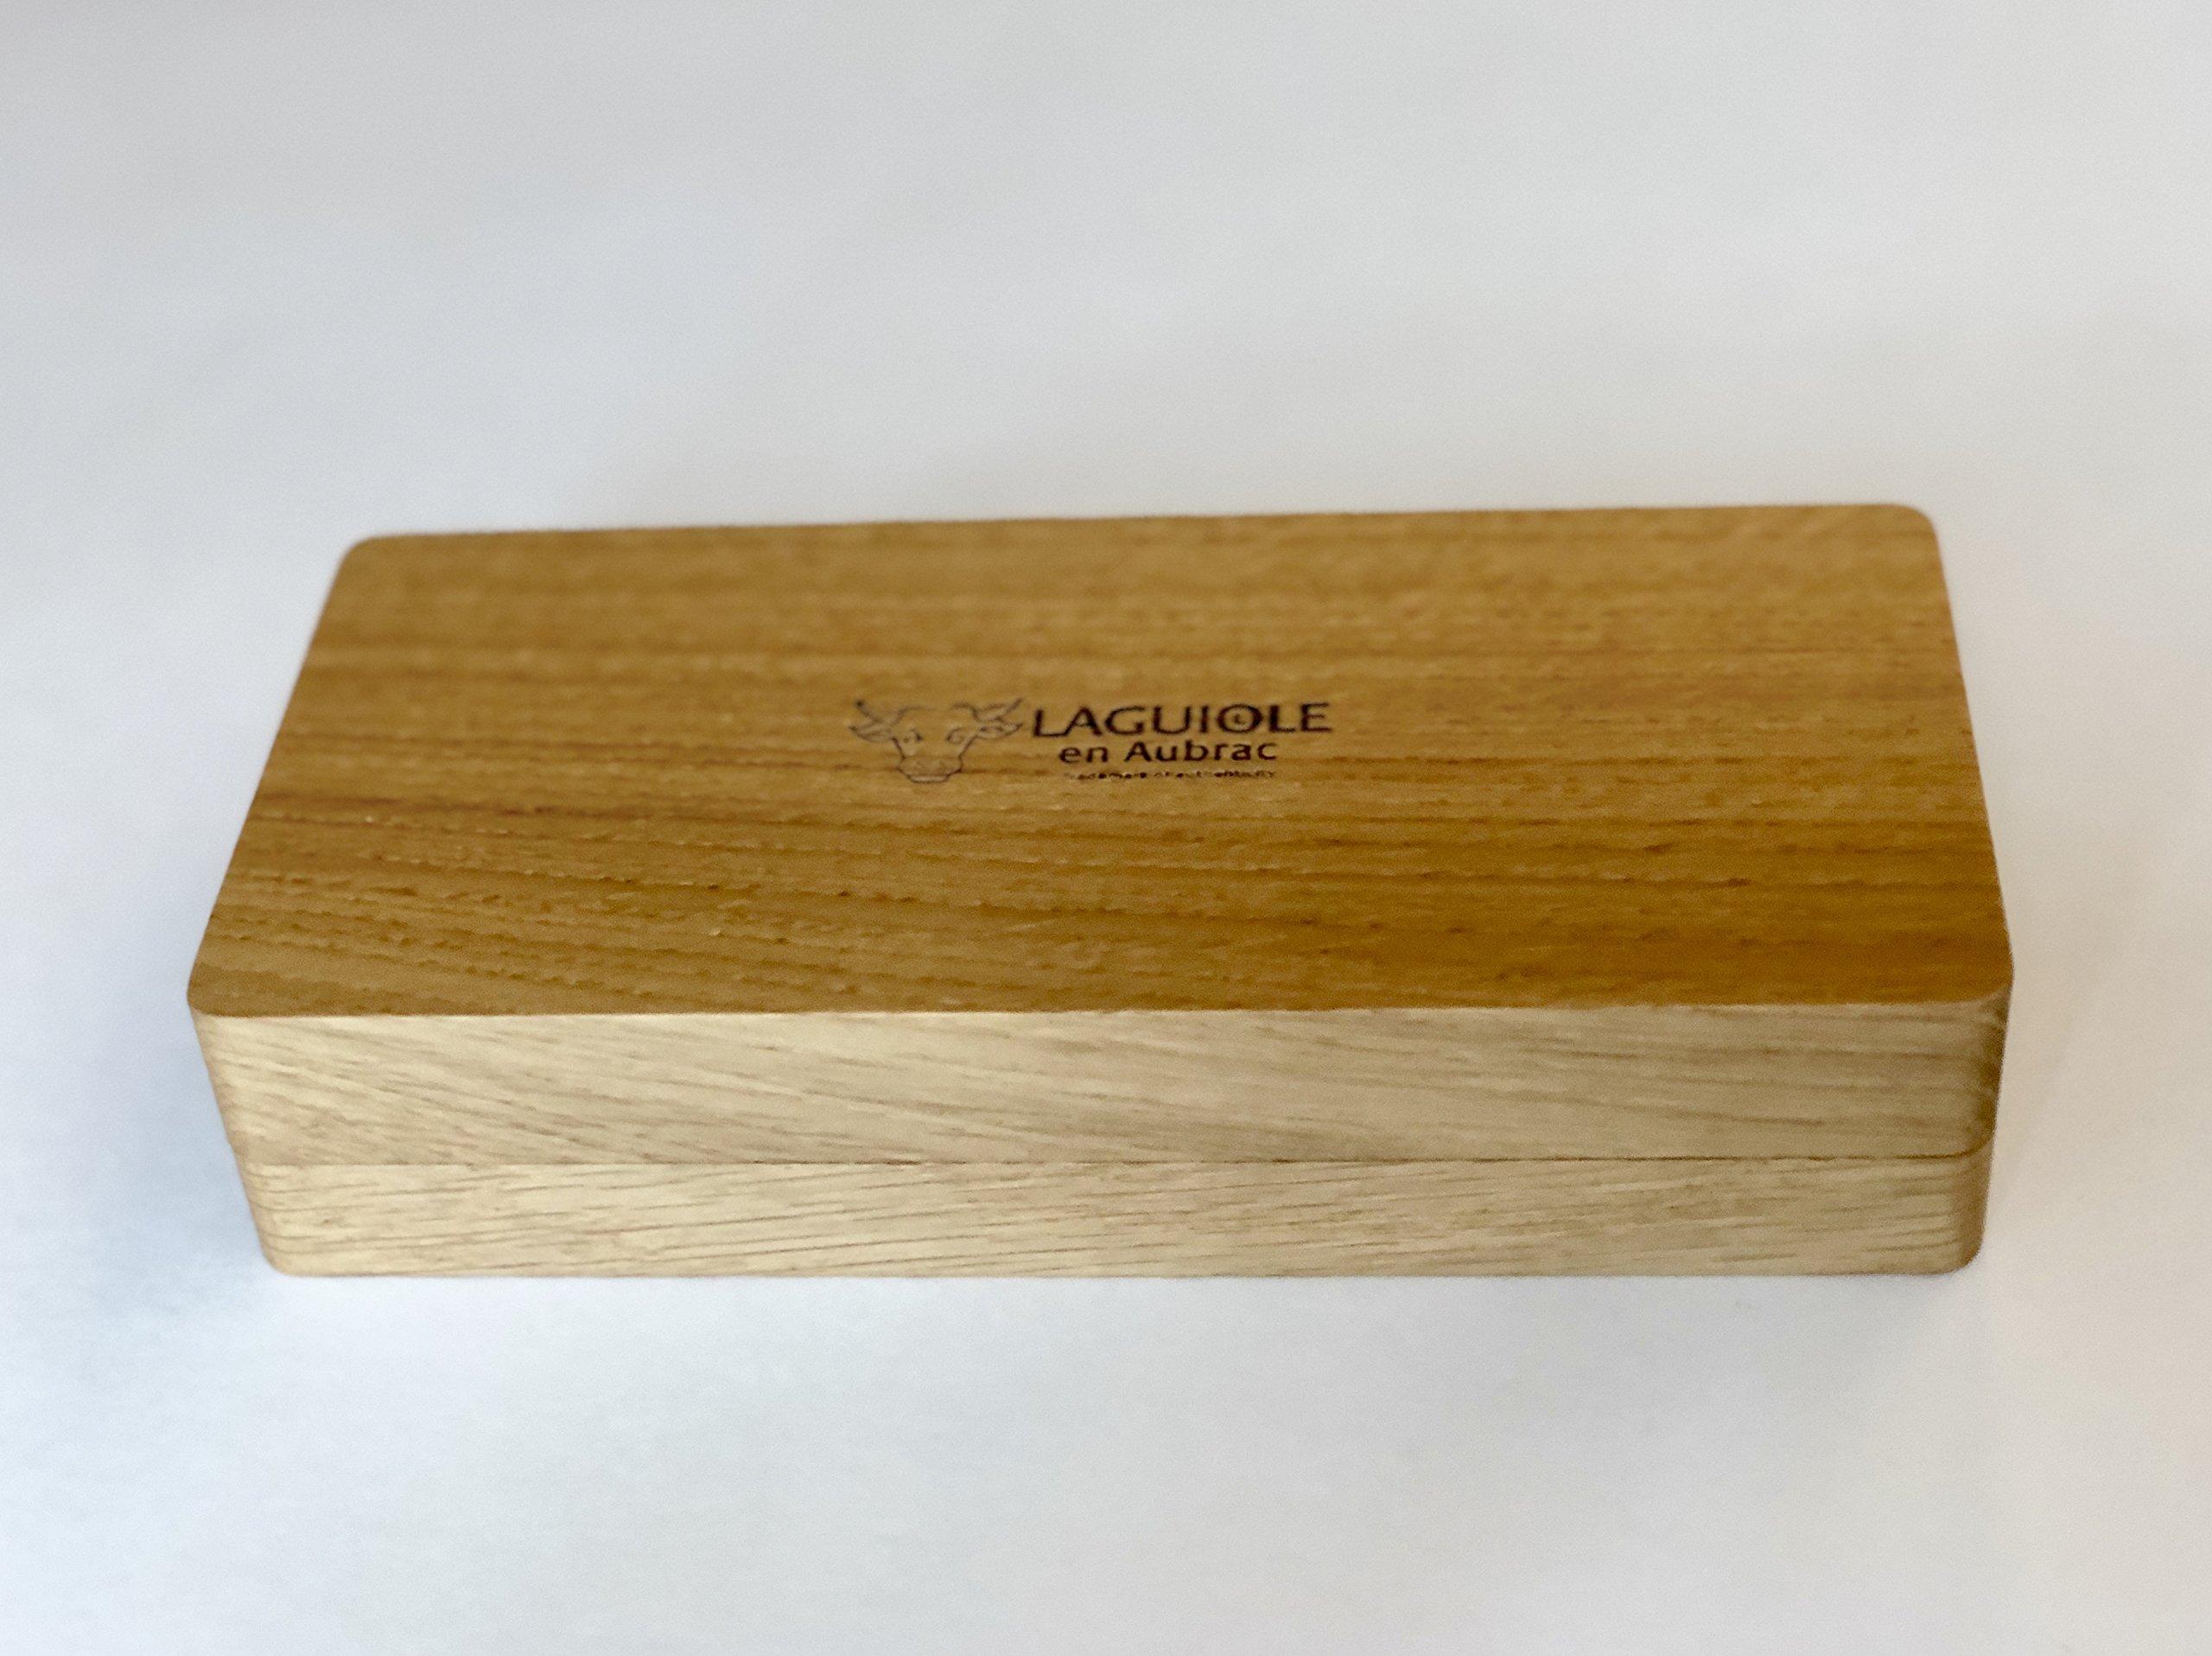 Laguiole an Aubrac Sommelier Waiter's Corkscrew, Croute de Belier Ram Crust Handle by Laguiole an Aubrac